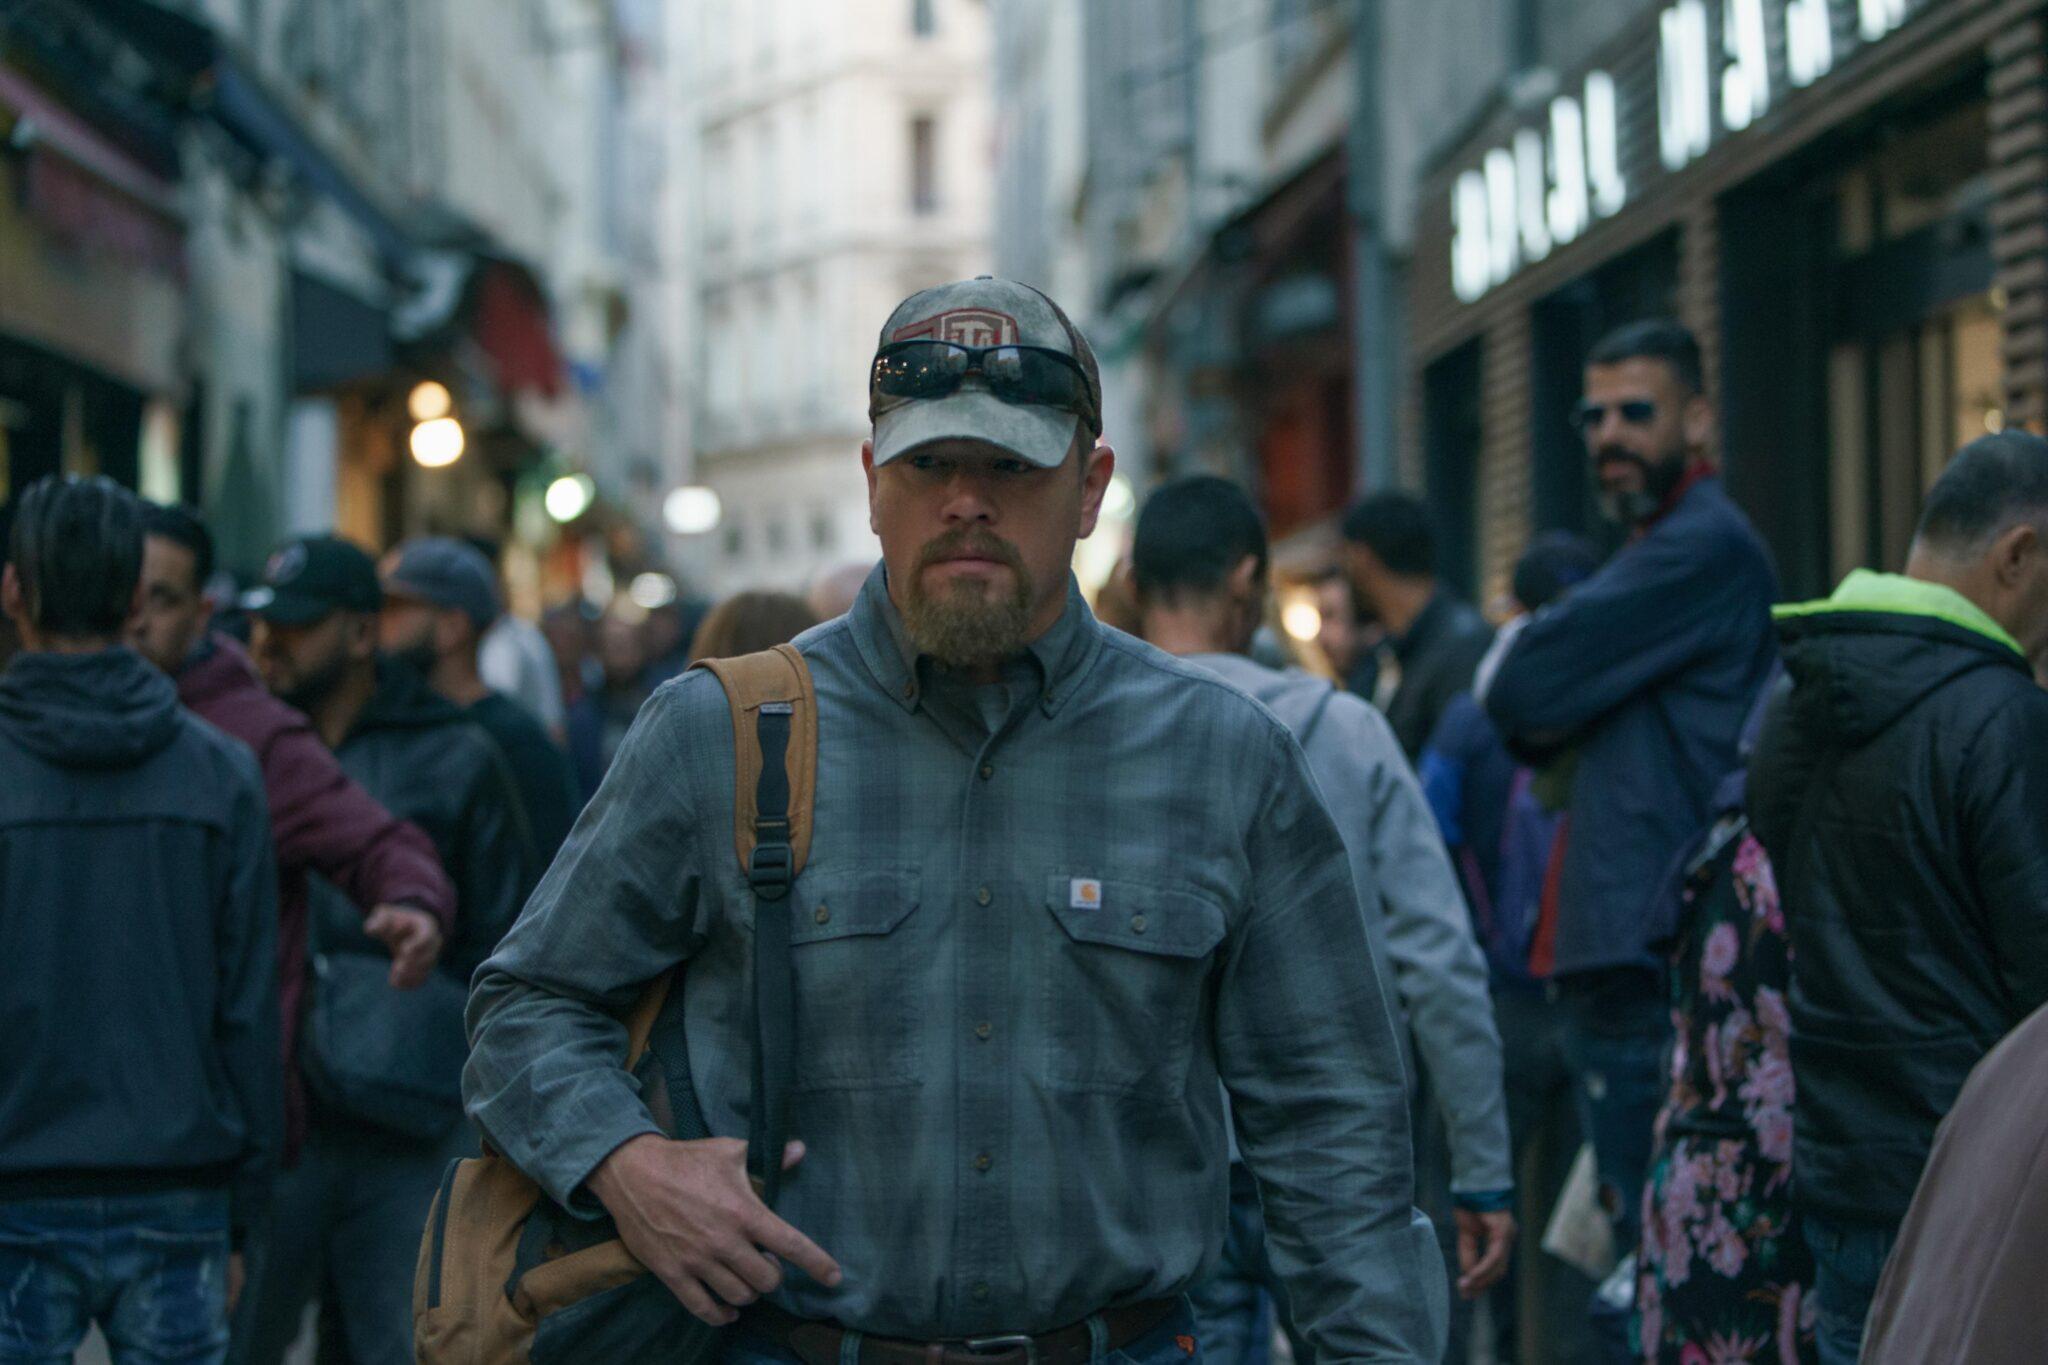 Cannes 2021 / Meilleurs moments du jeudi 8 juillet : Matt Damon sur les marches 2 image